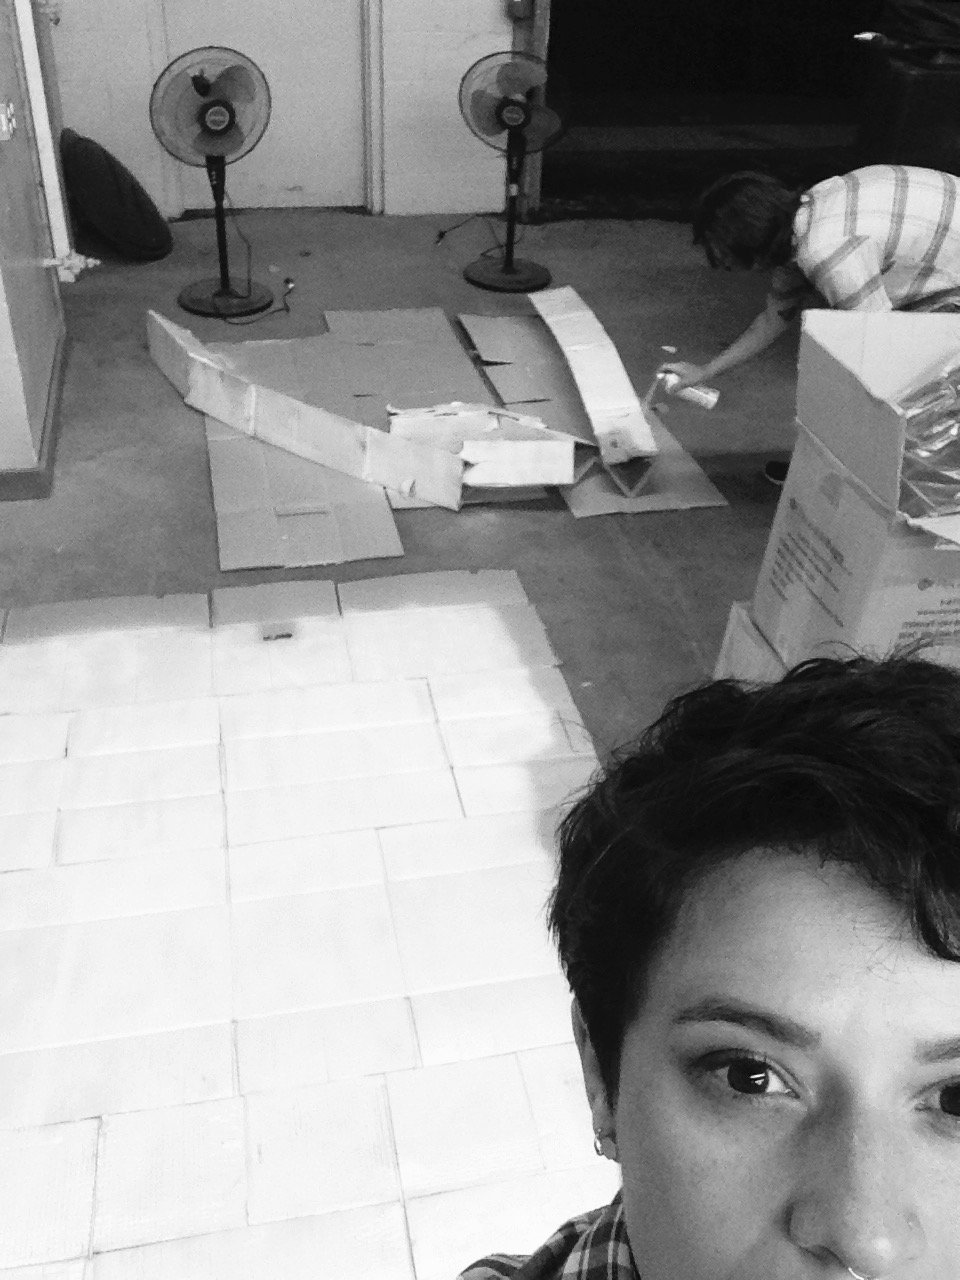 Production design department selfie.